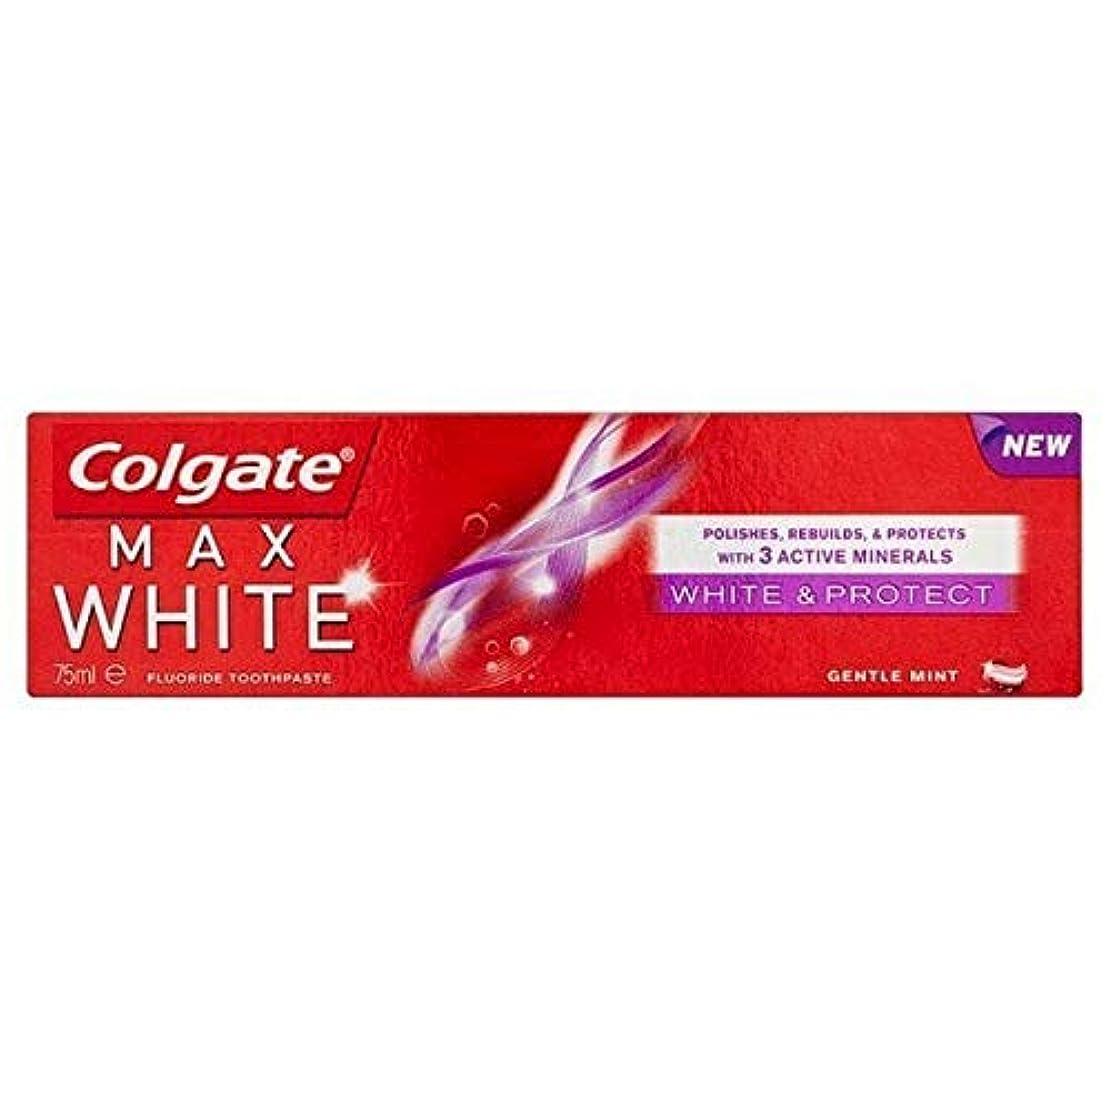 四回予想外合唱団[Colgate ] コルゲートマックスホワイトホワイトニング&歯磨き粉75ミリリットルを保護 - Colgate Max White Whitening & Protect Toothpaste 75ml [並行輸入品]